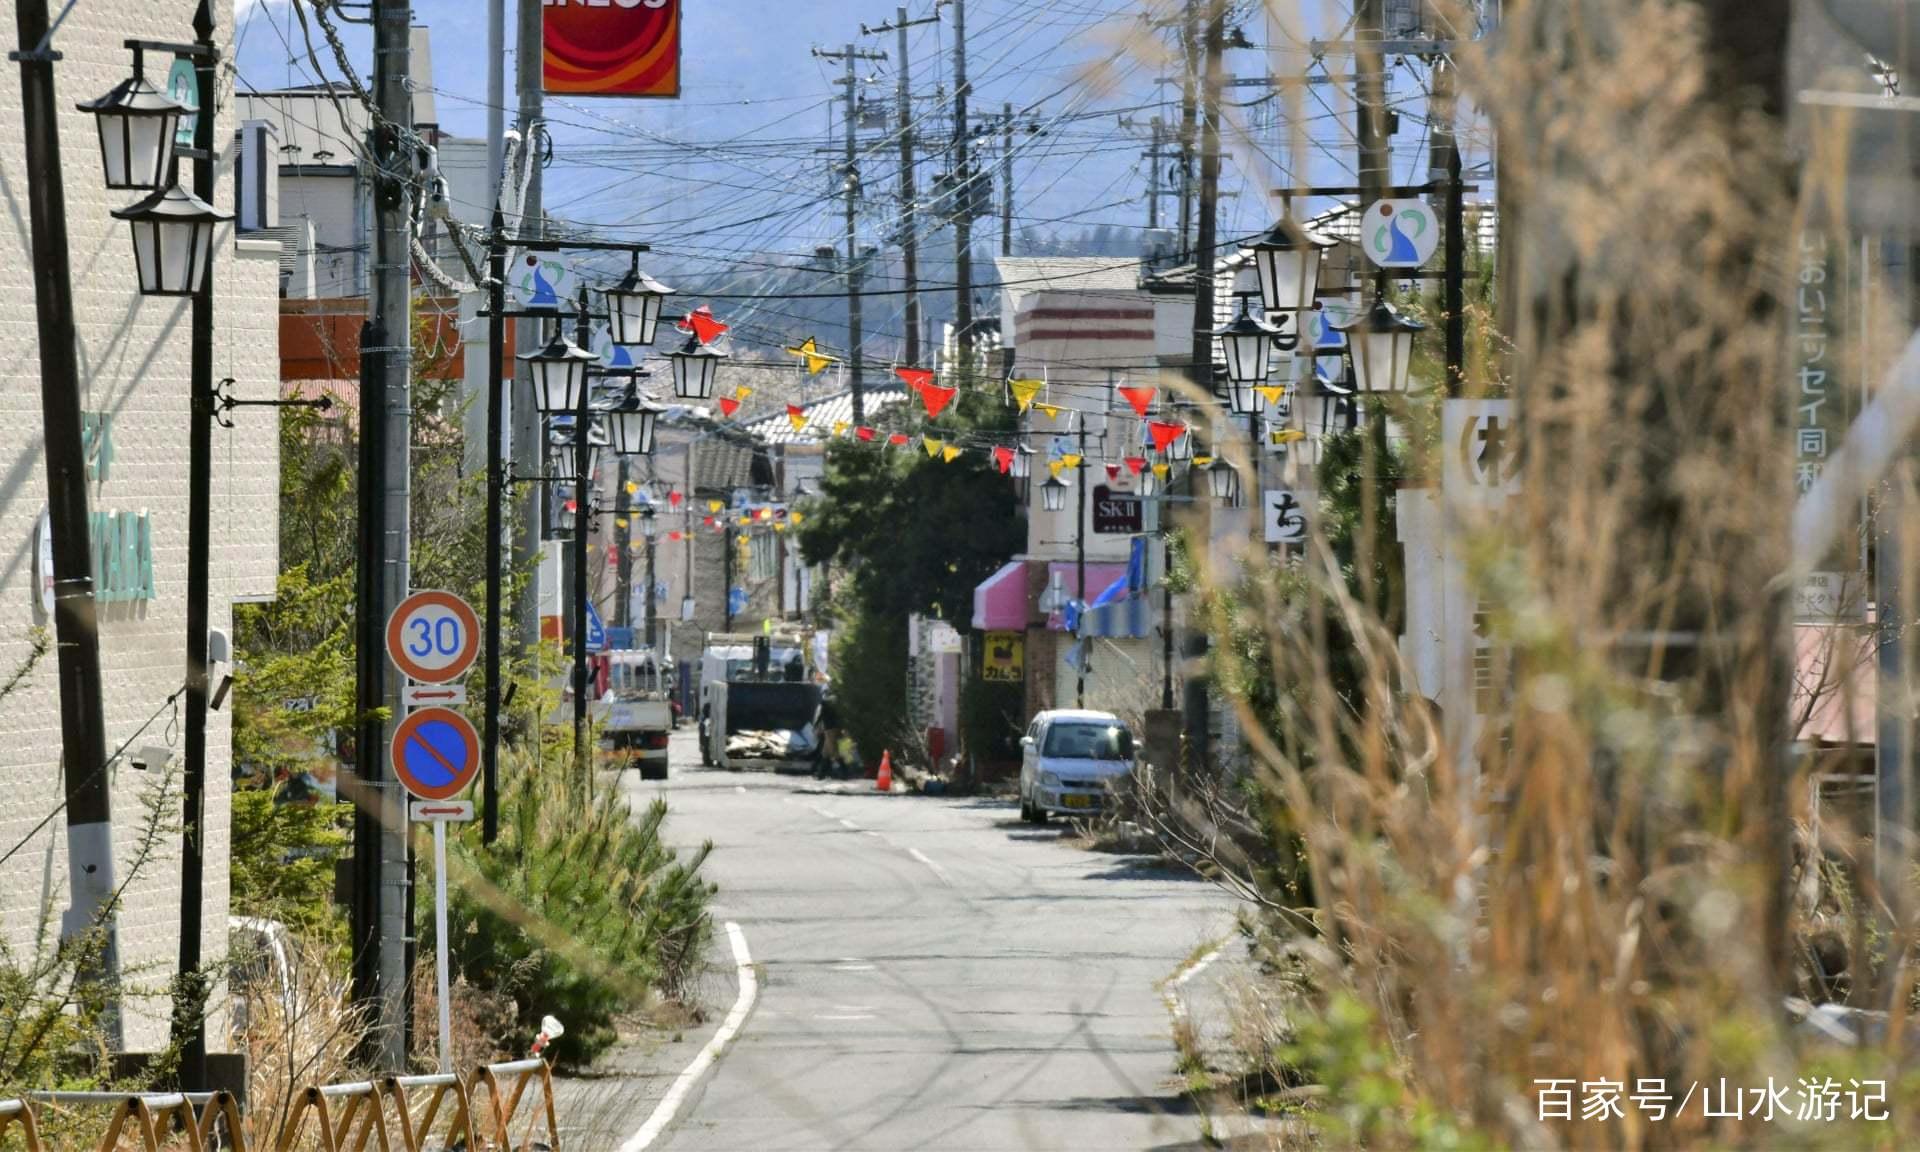 日本福岛无人区:流浪8年后,一批不怕死的老人返回家乡